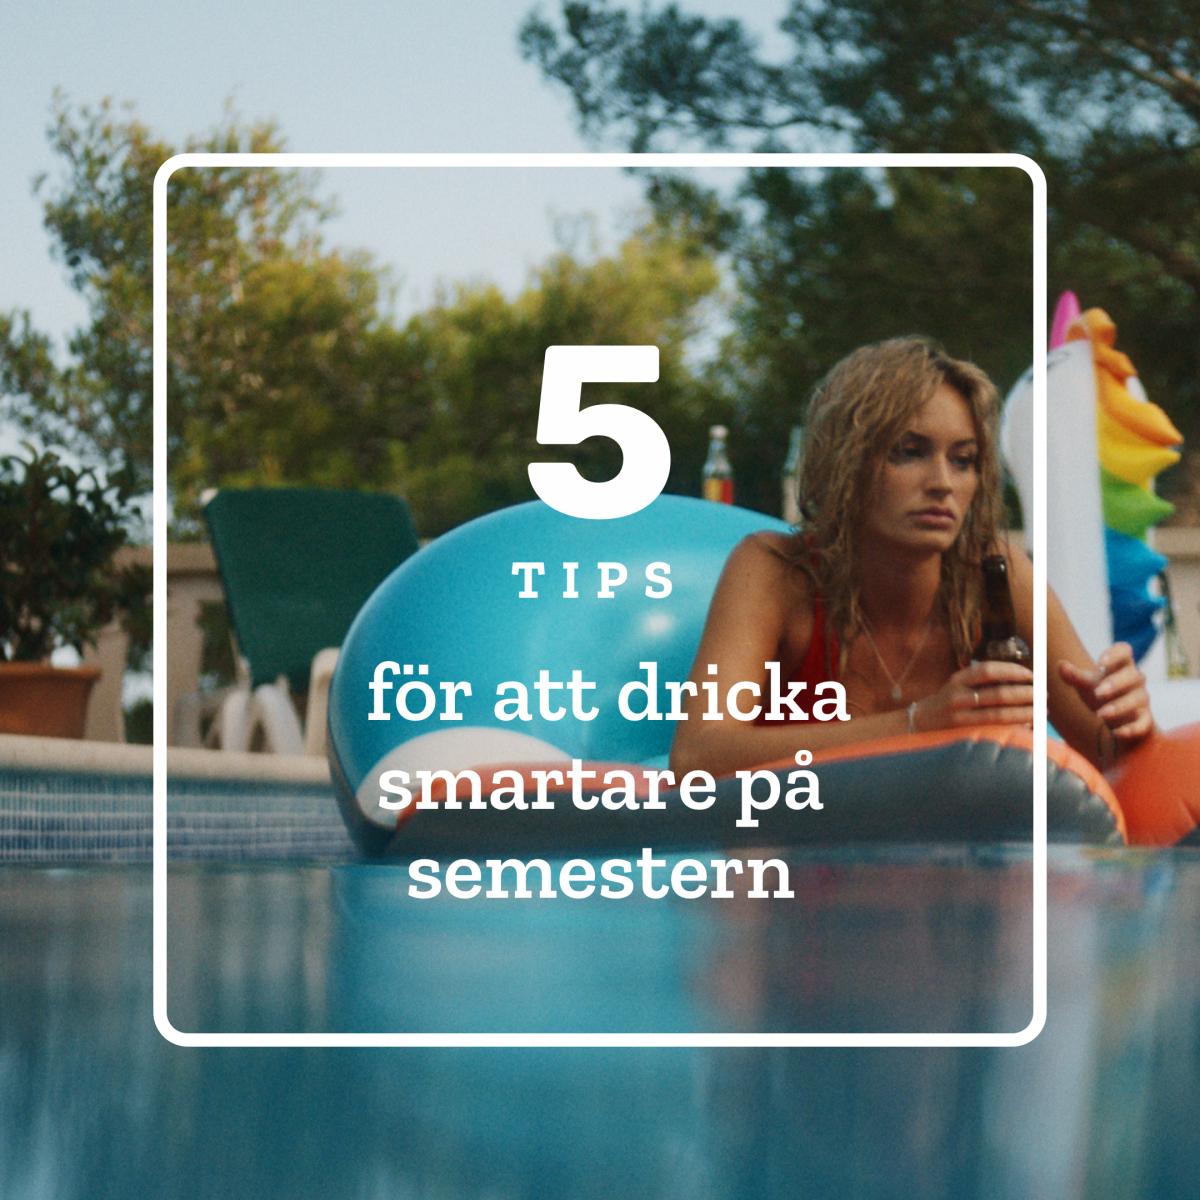 Klicka på bilden för att ta del av 5 tips